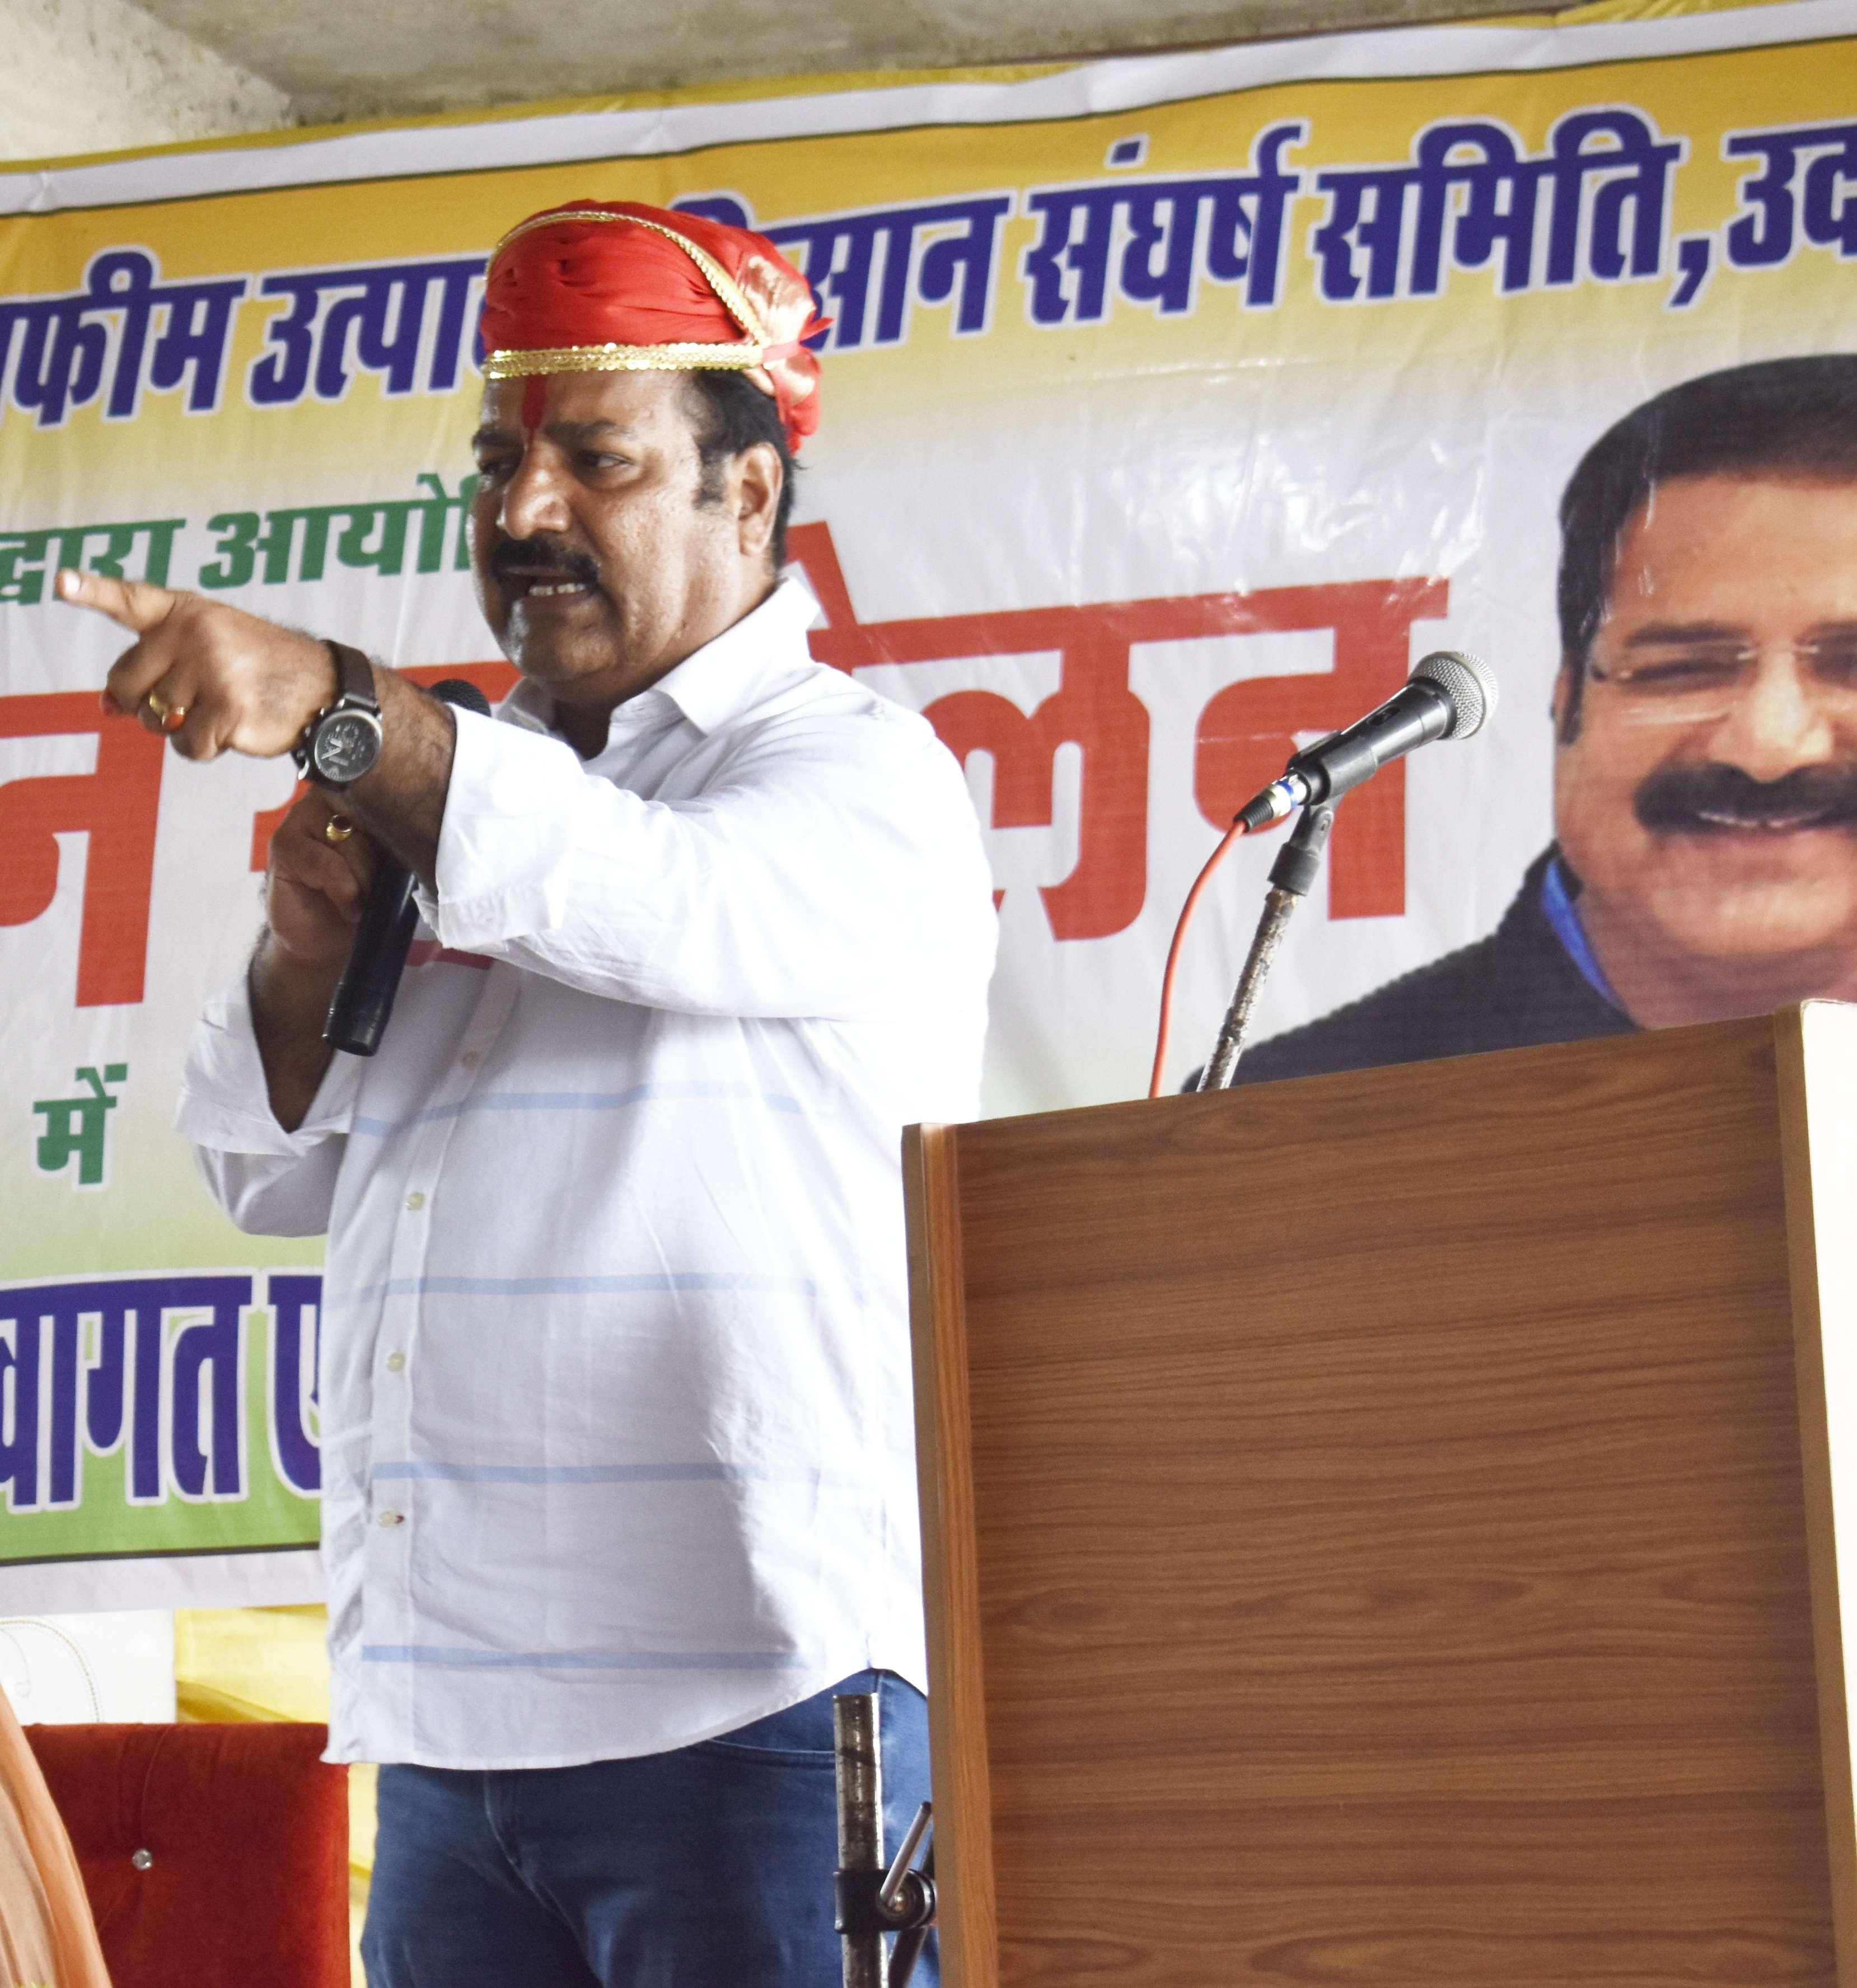 वल्लभनगर में बढ़ती महंगाई गिनाते हुए खाचरियावास ने निशाने पर लिया भाजपा को